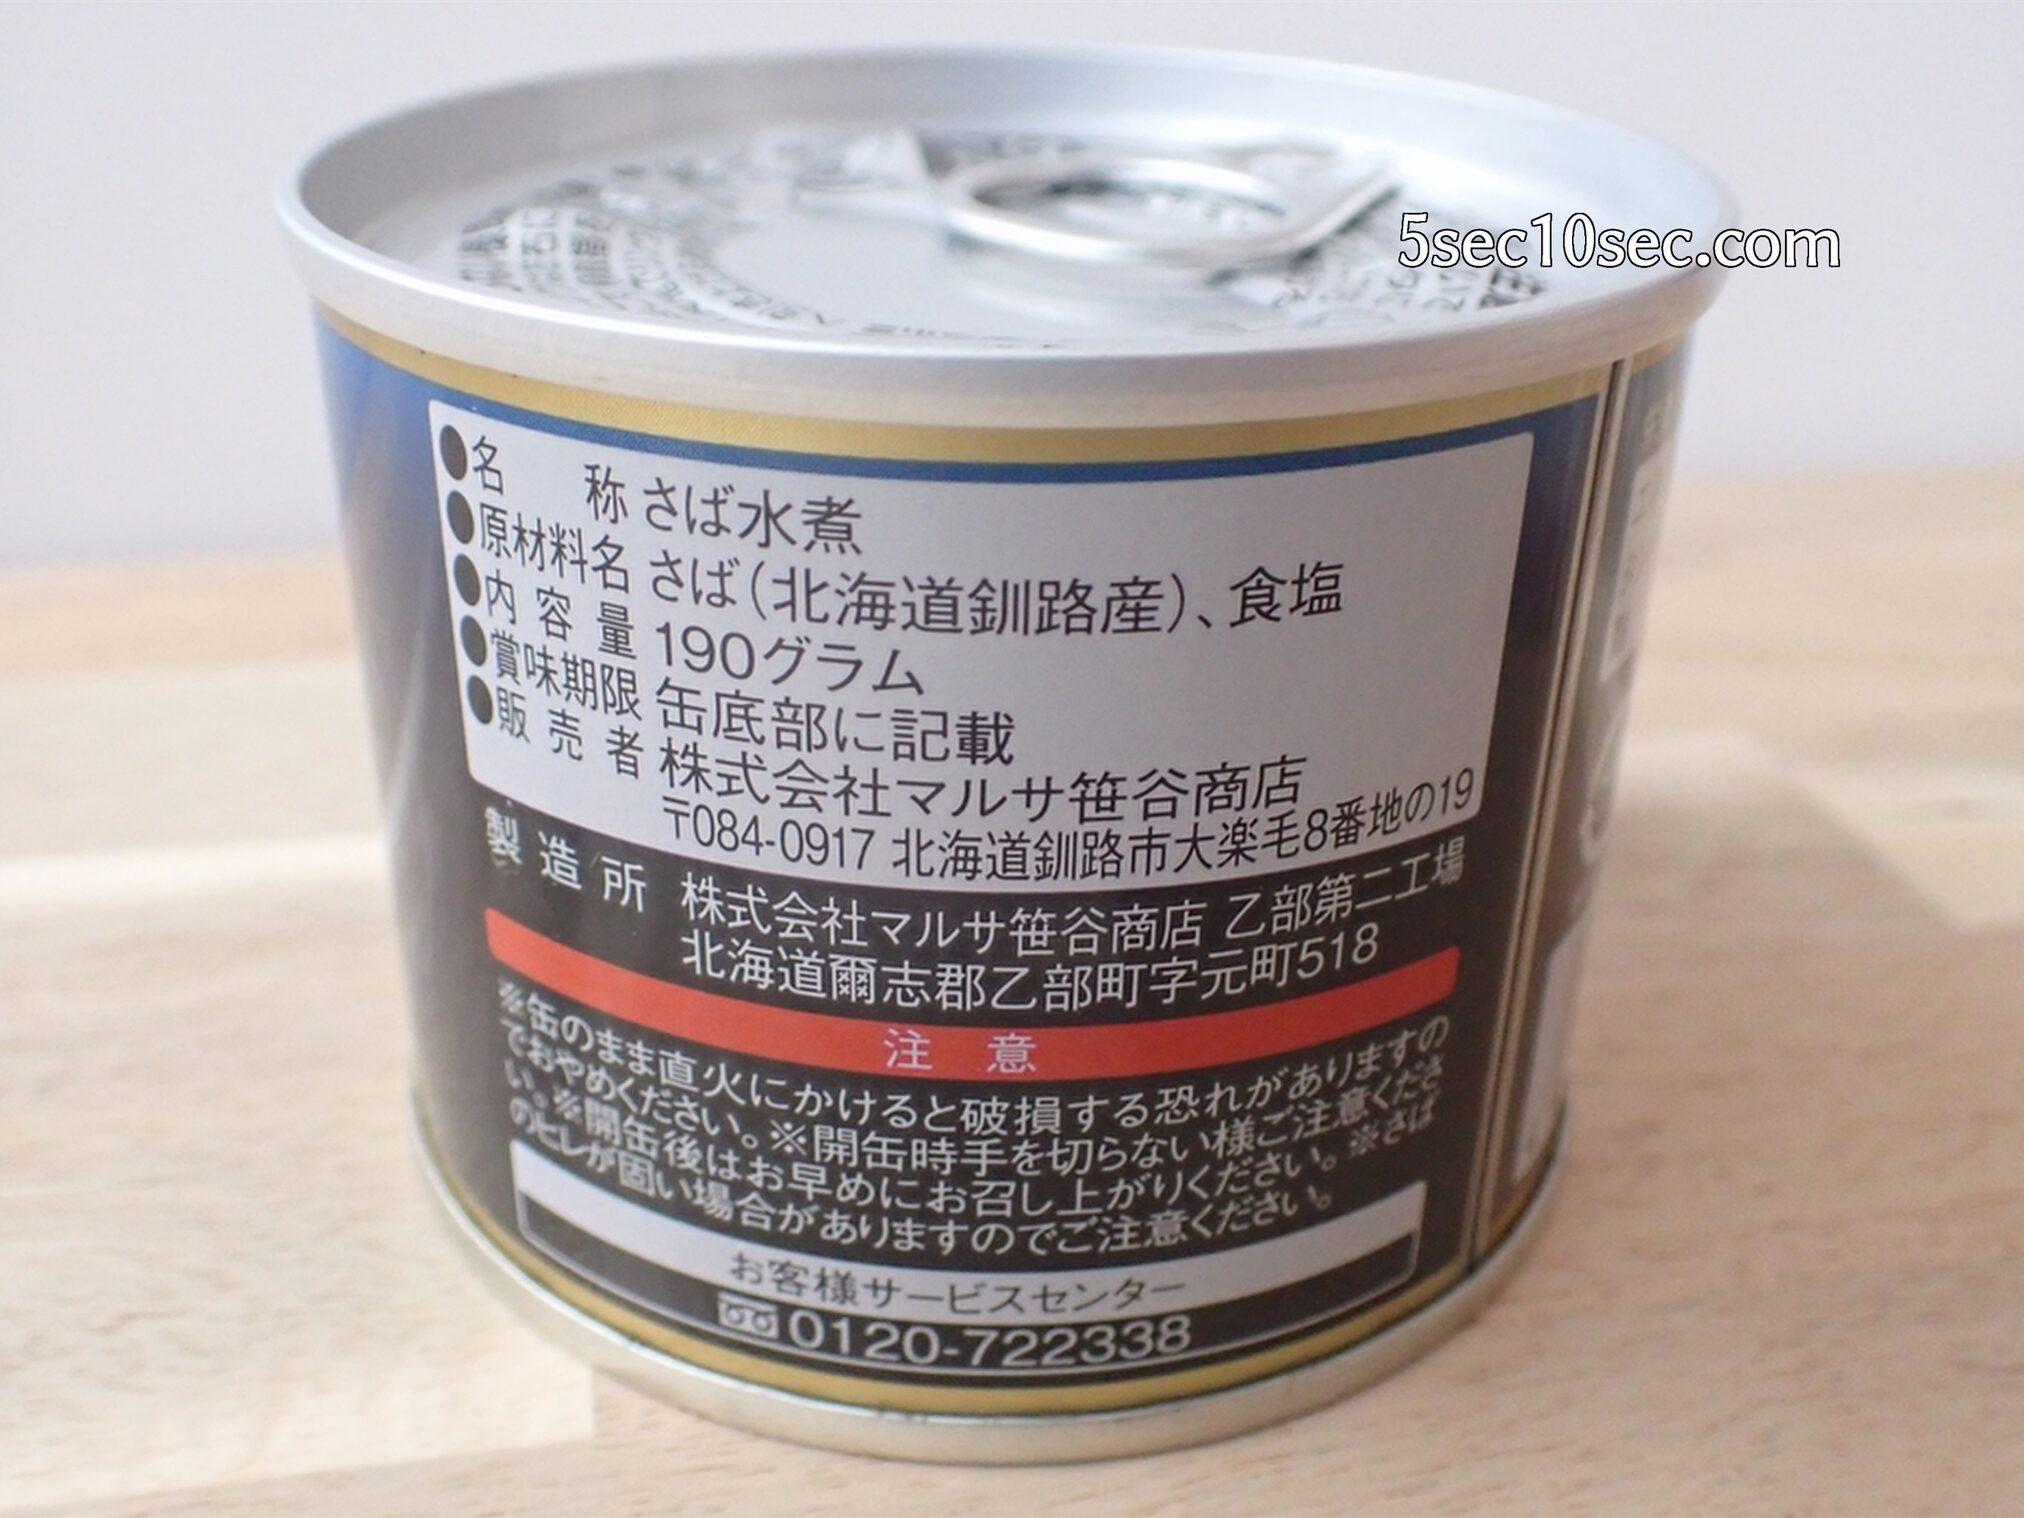 北海道釧路産 高級さば水煮缶詰 原材料名、株式会社マルサ笹谷商店から販売されているサバ缶です